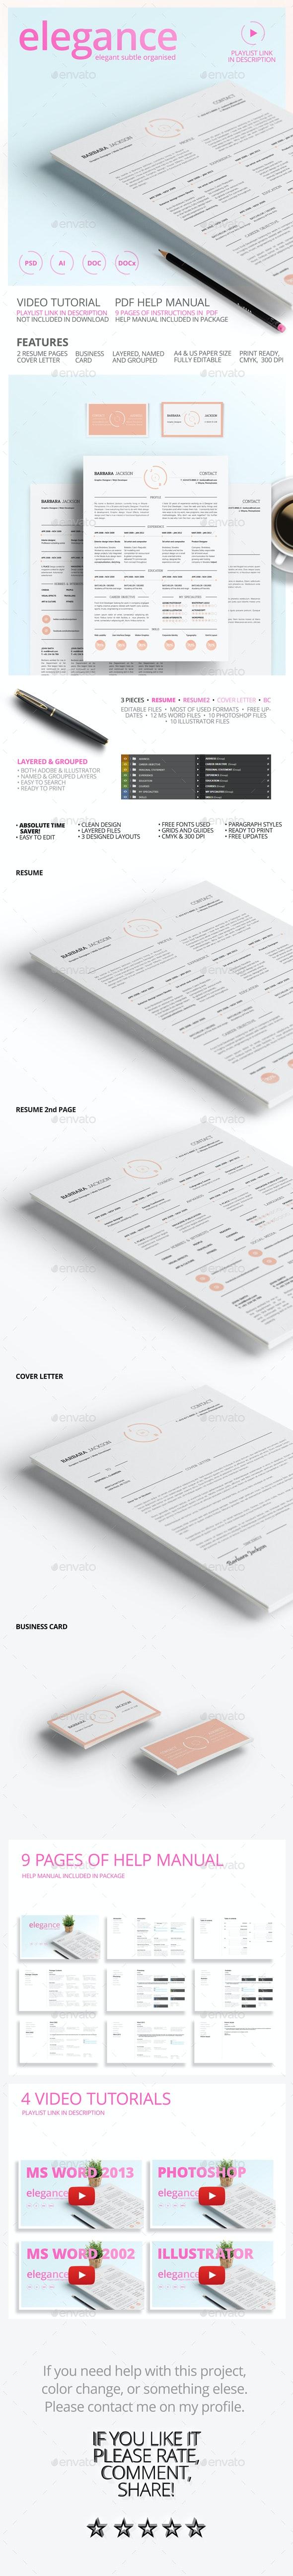 Elegant Style Resume and CV - Resumes Stationery